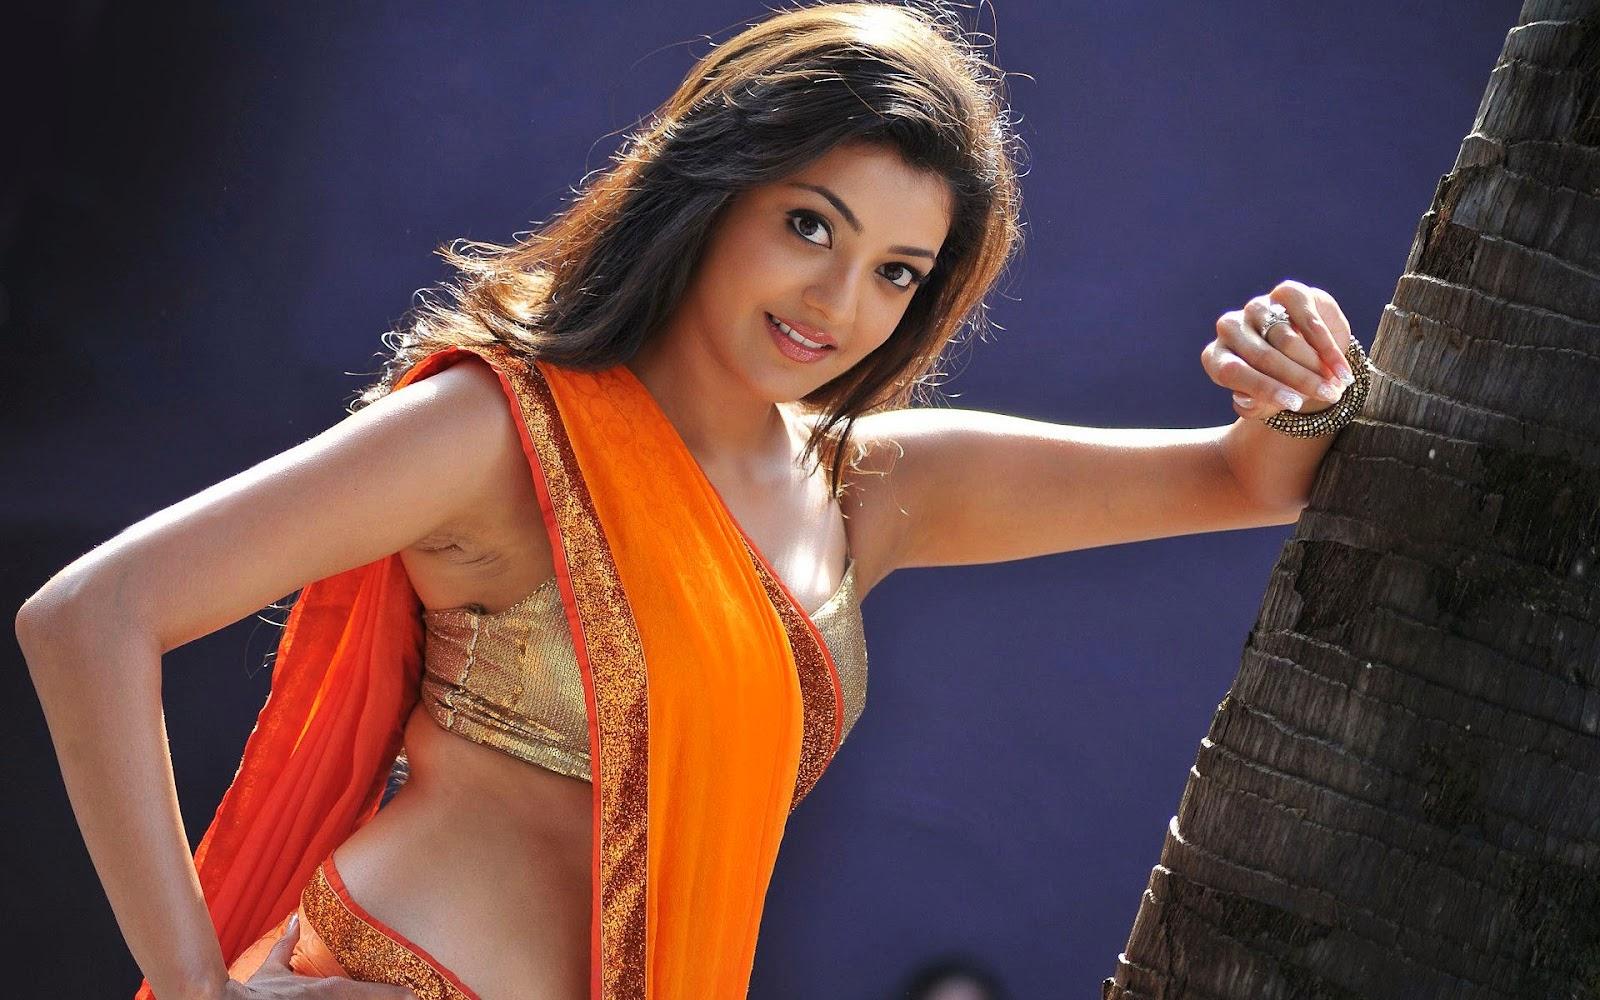 Best top desktop kajal agarwal in golden bra or orange saree wallpaper